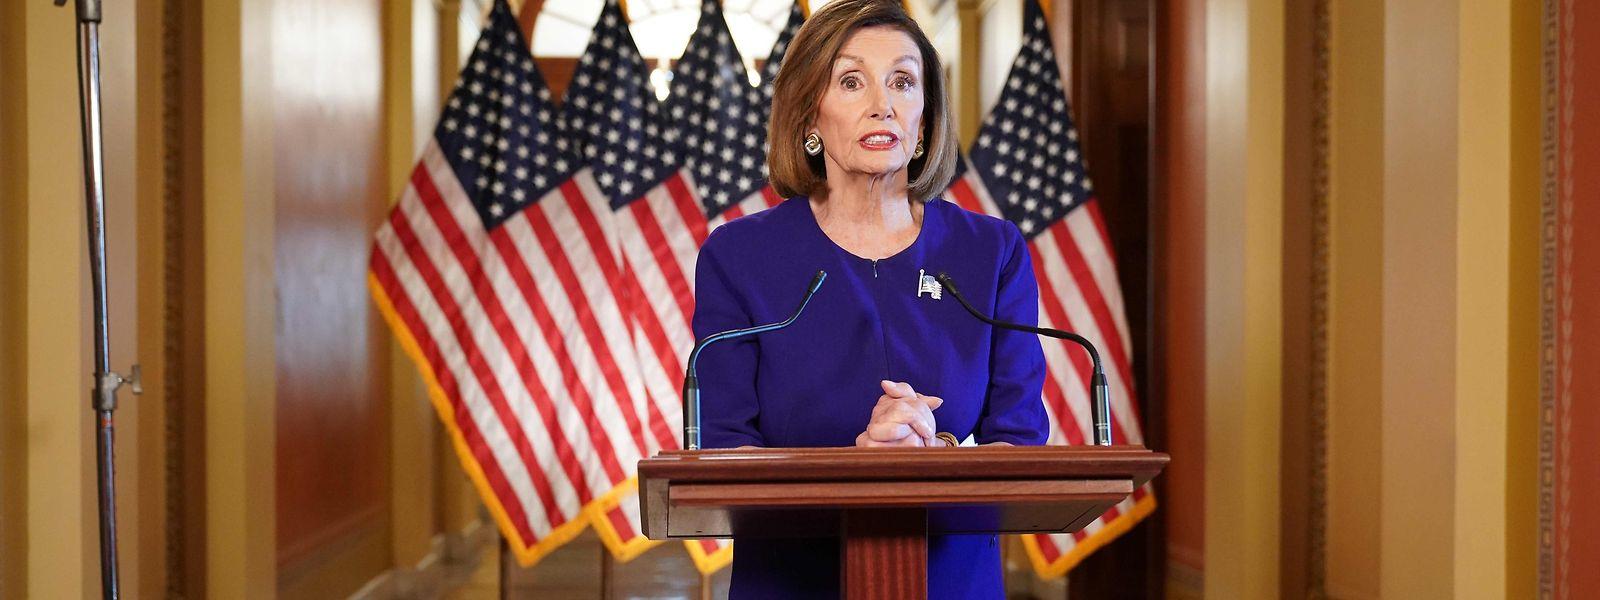 La présidente démocrate de la chambre basse, Nancy Pelosi a annoncé l'ouverture d'une enquête officielle en vue d'une procédure de destitution du président Trump